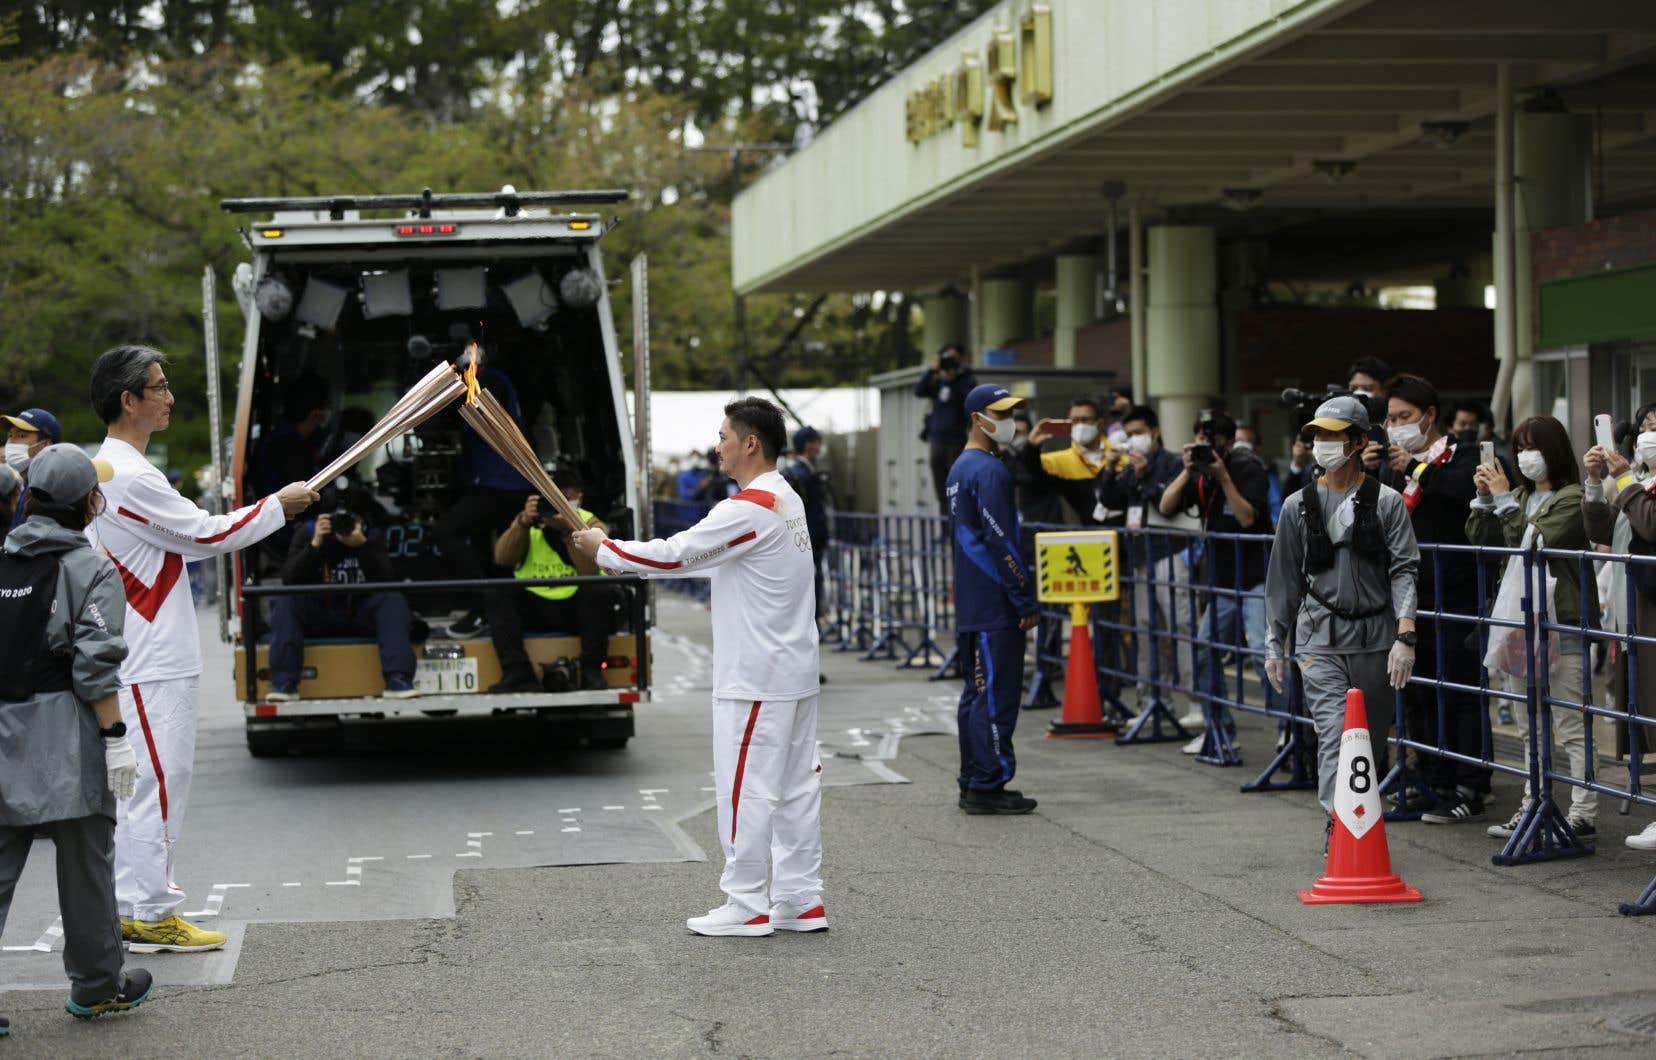 Des épreuves tests ont été reportées, le relais de la flamme olympique a été réduit au minimum et de nouvelles restrictions sanitaires sont en vigueur à Tokyo et dans d'autres villes nippones.